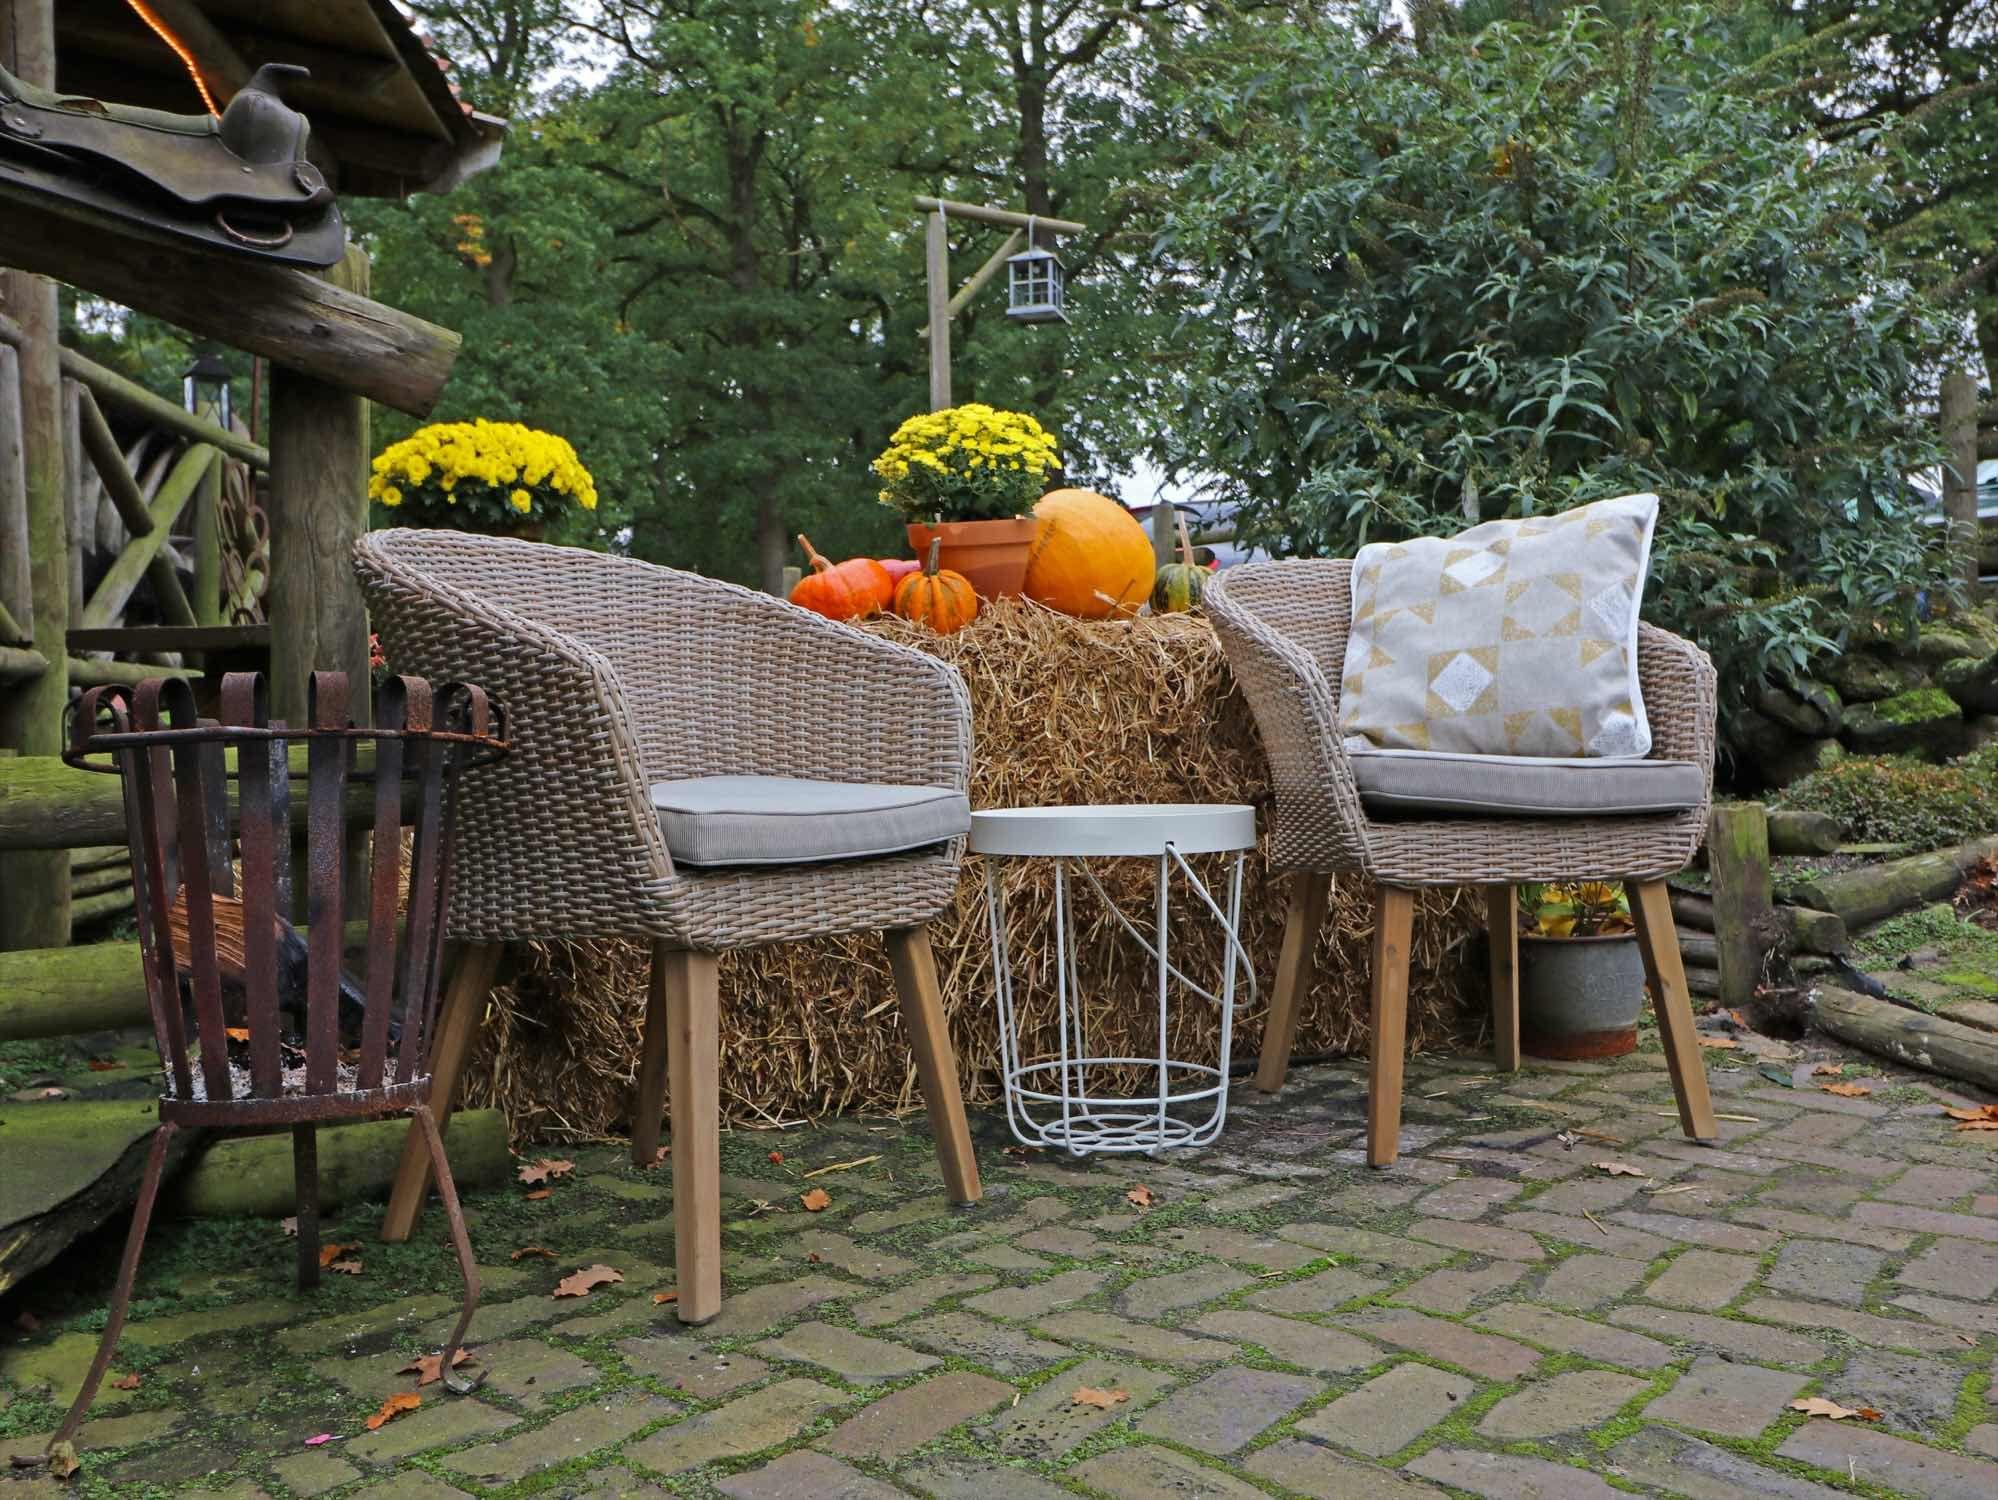 Dining Stoelen Tuin : Deze wicker dining tuinstoelen in de kleur grijs is een heus plaatje